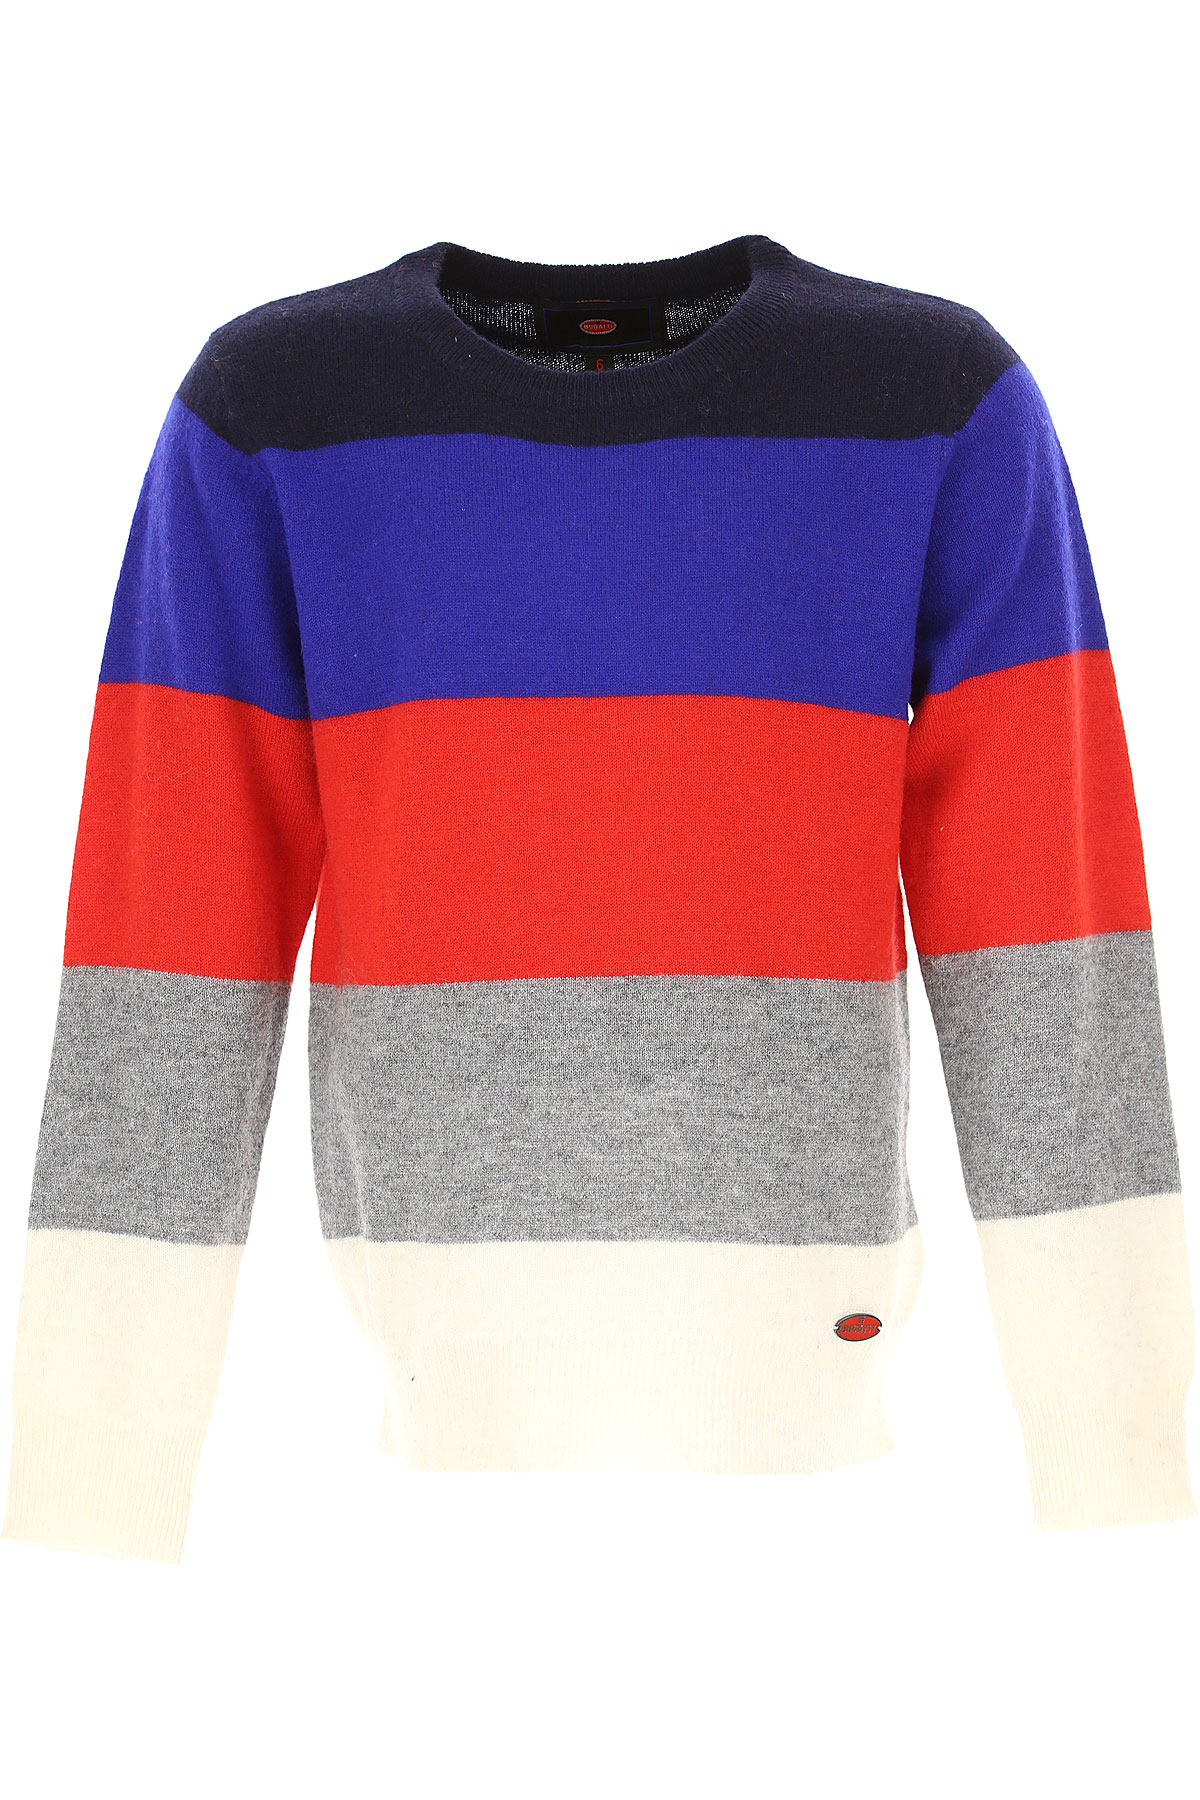 Image of Bugatti Kids Sweaters for Boys, Blue, Wool, 2017, 2Y 3Y 4Y 5Y 6Y 7Y